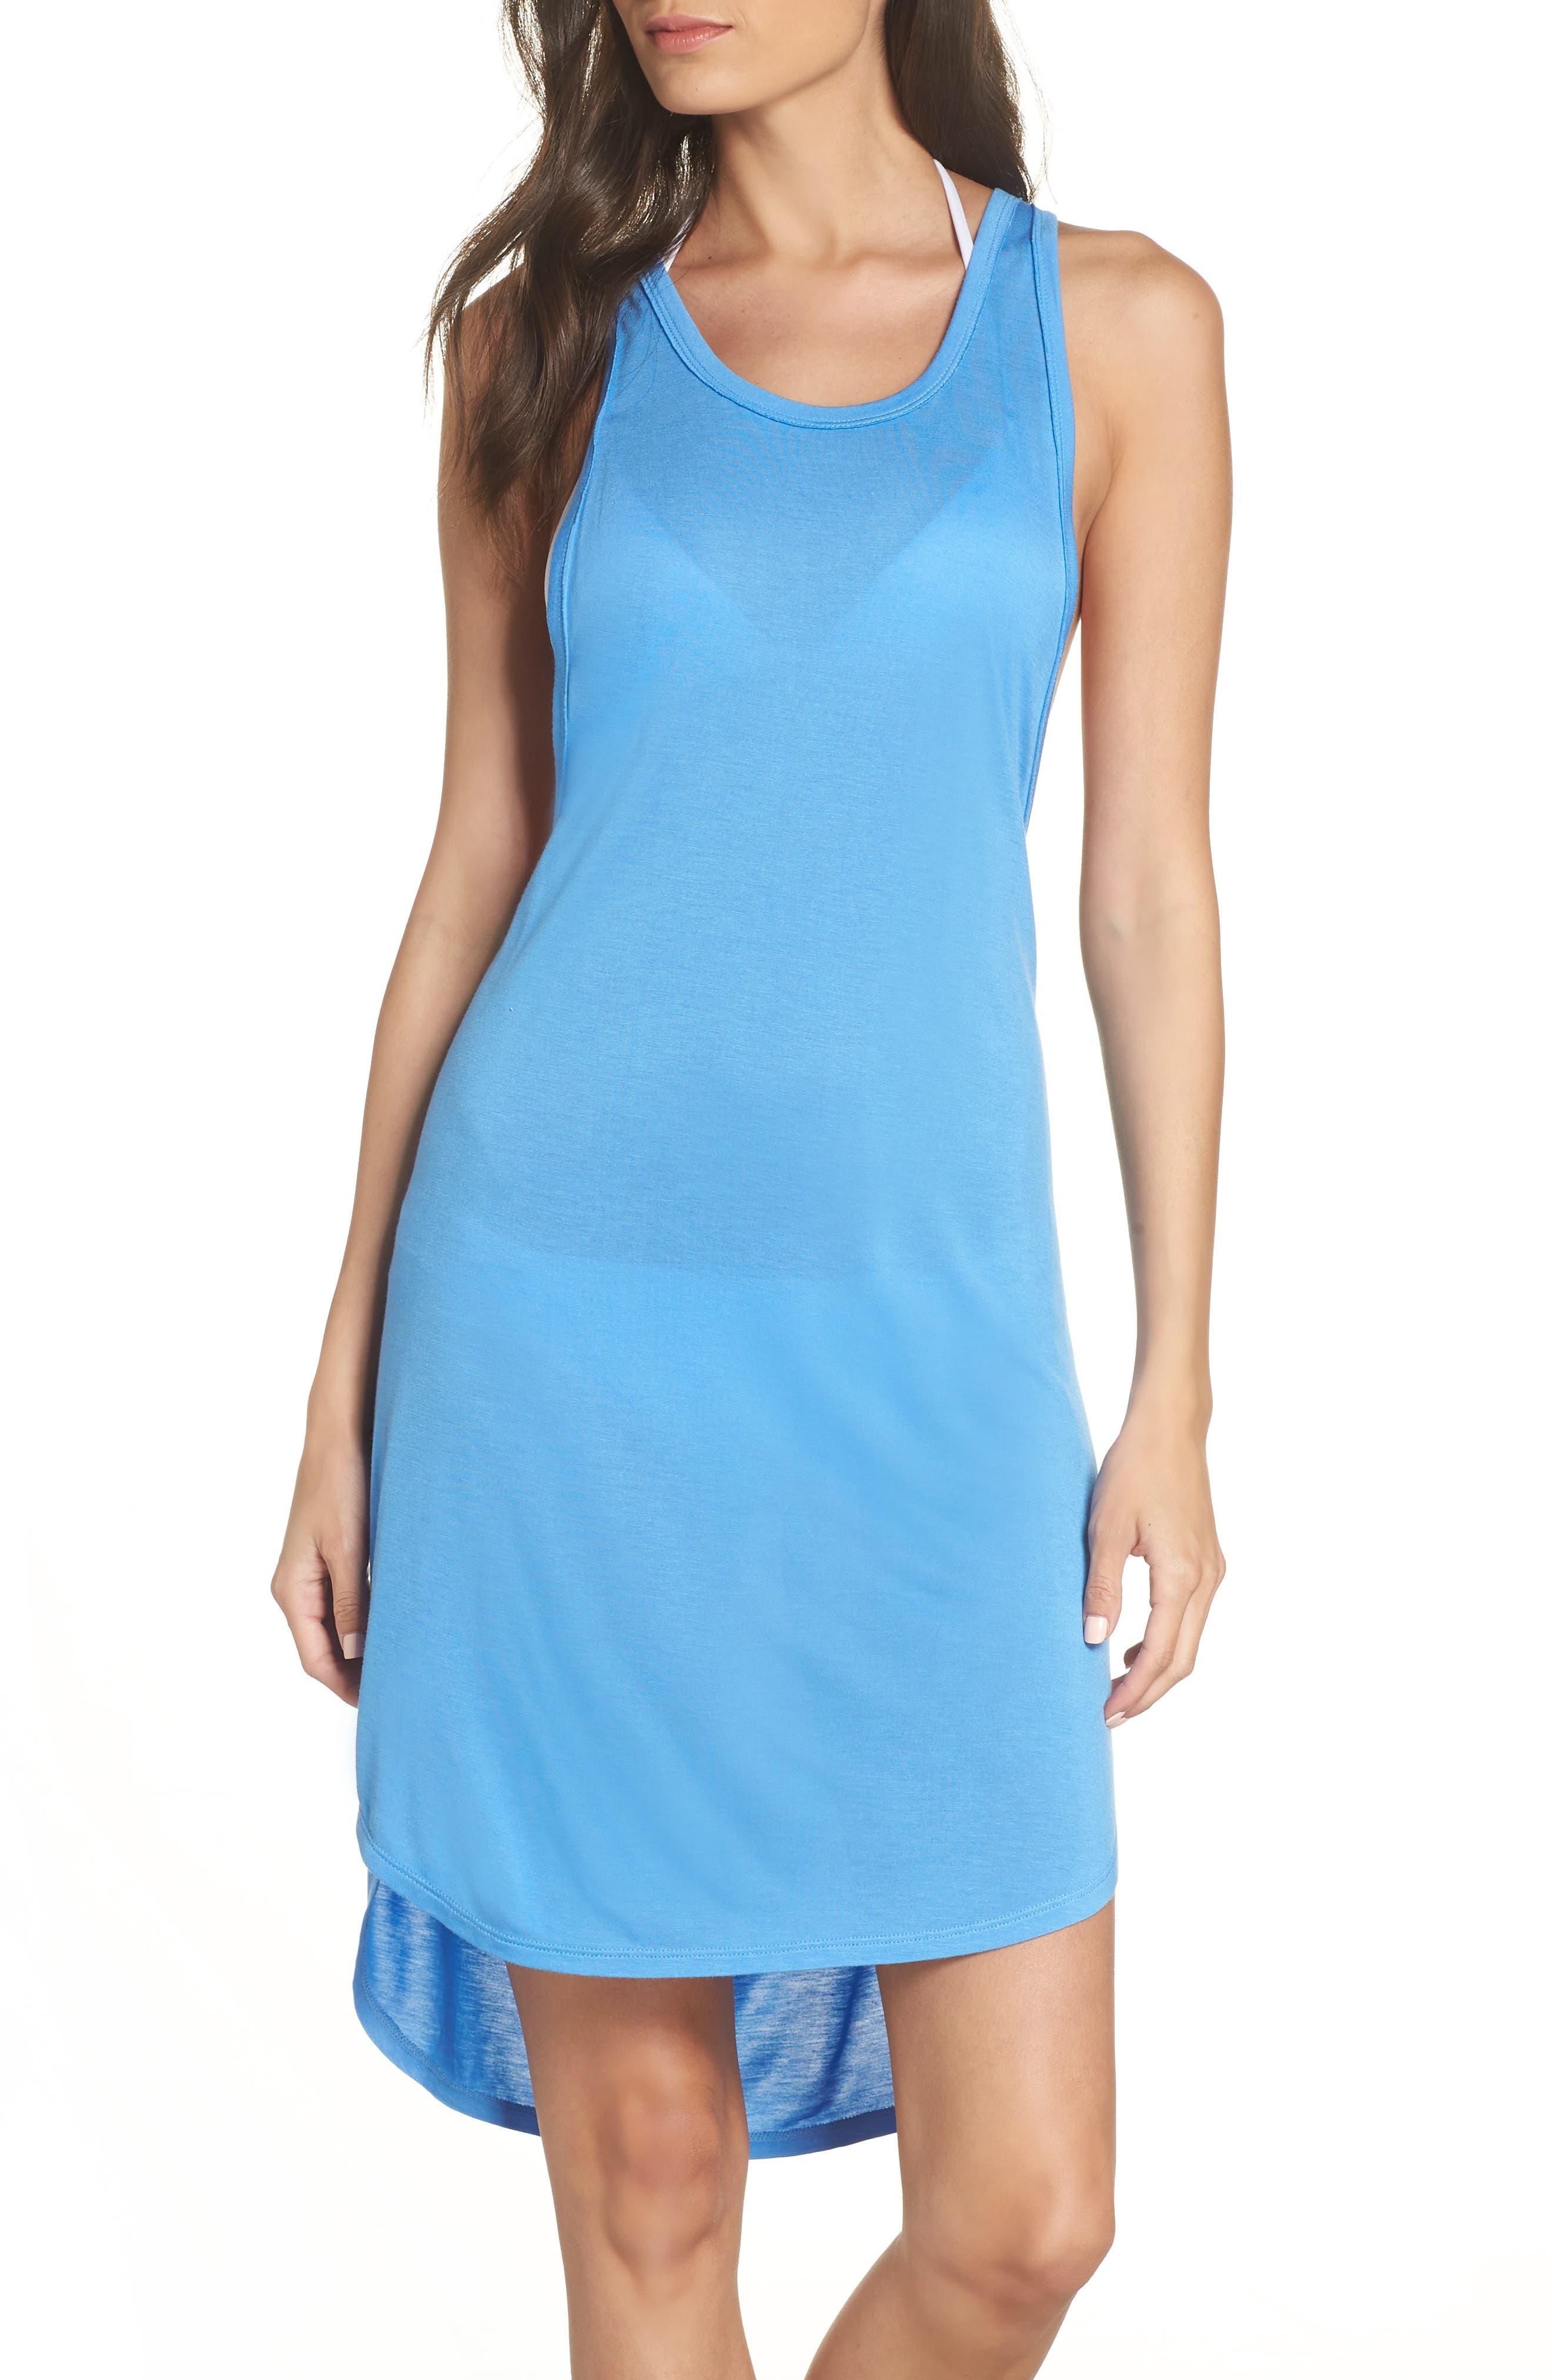 Racerback Cover-Up Tank Dress,                         Main,                         color, BLUE LAPIS